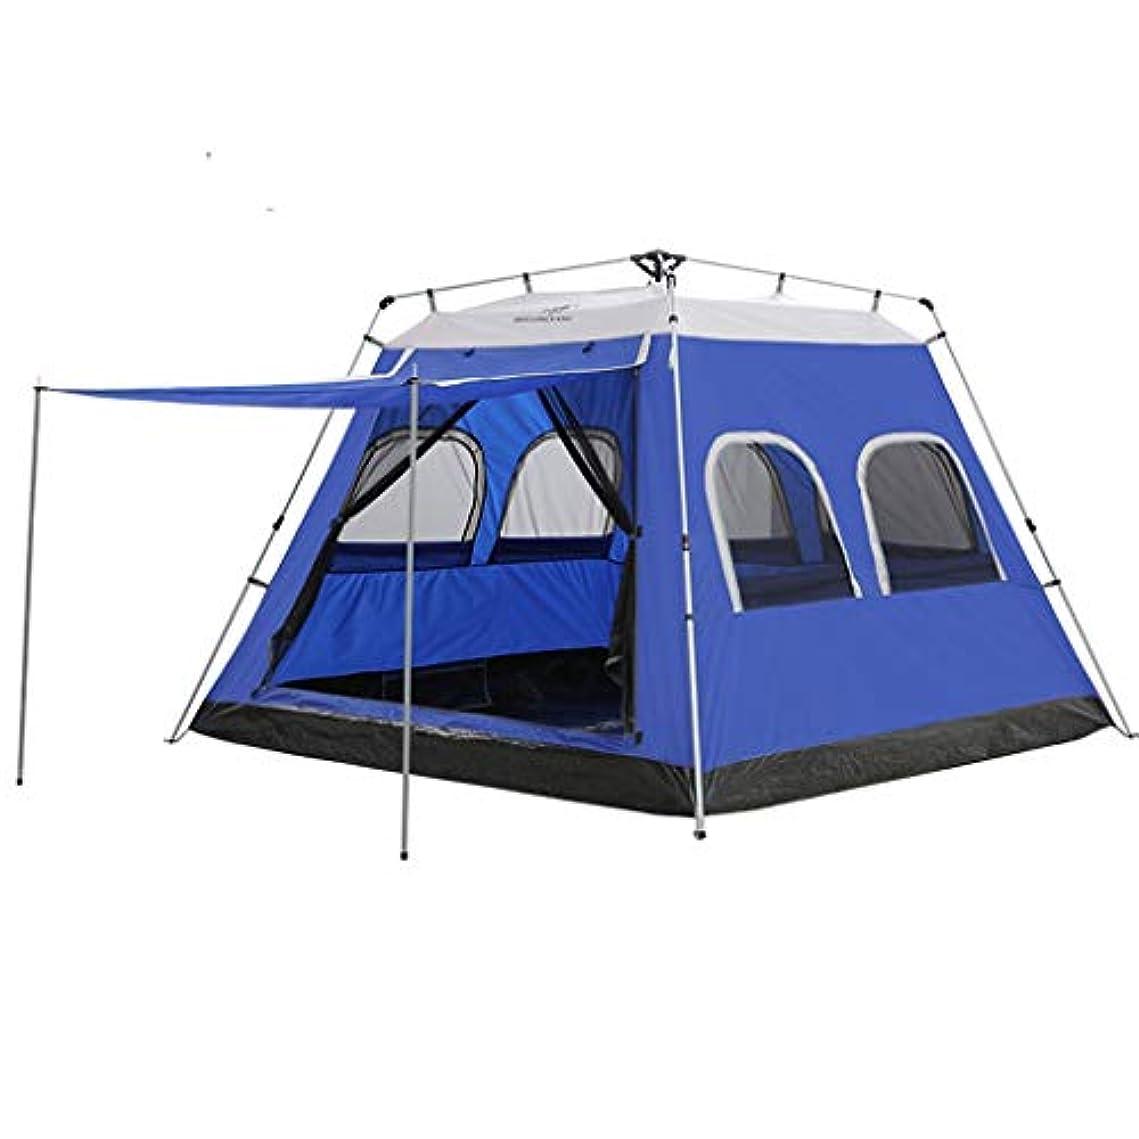 飛躍先駆者染色テント、屋外製品5-6単層鉄パイプ油圧自動テント1ドア6窓換気と換気